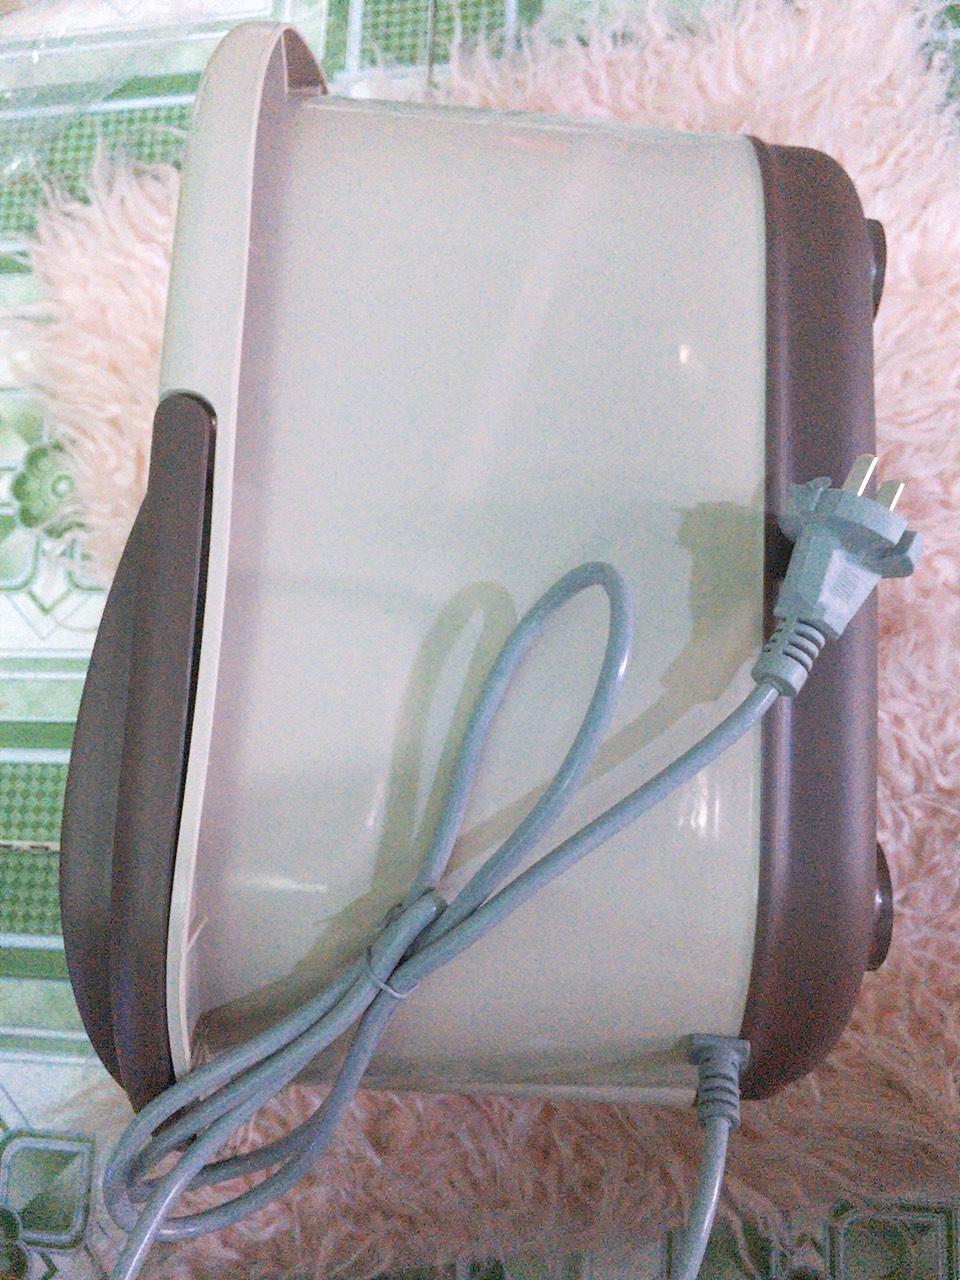 Bồn Ngâm Chân Massage Với Cơ Chế Tự Làm Nóng Nước 1